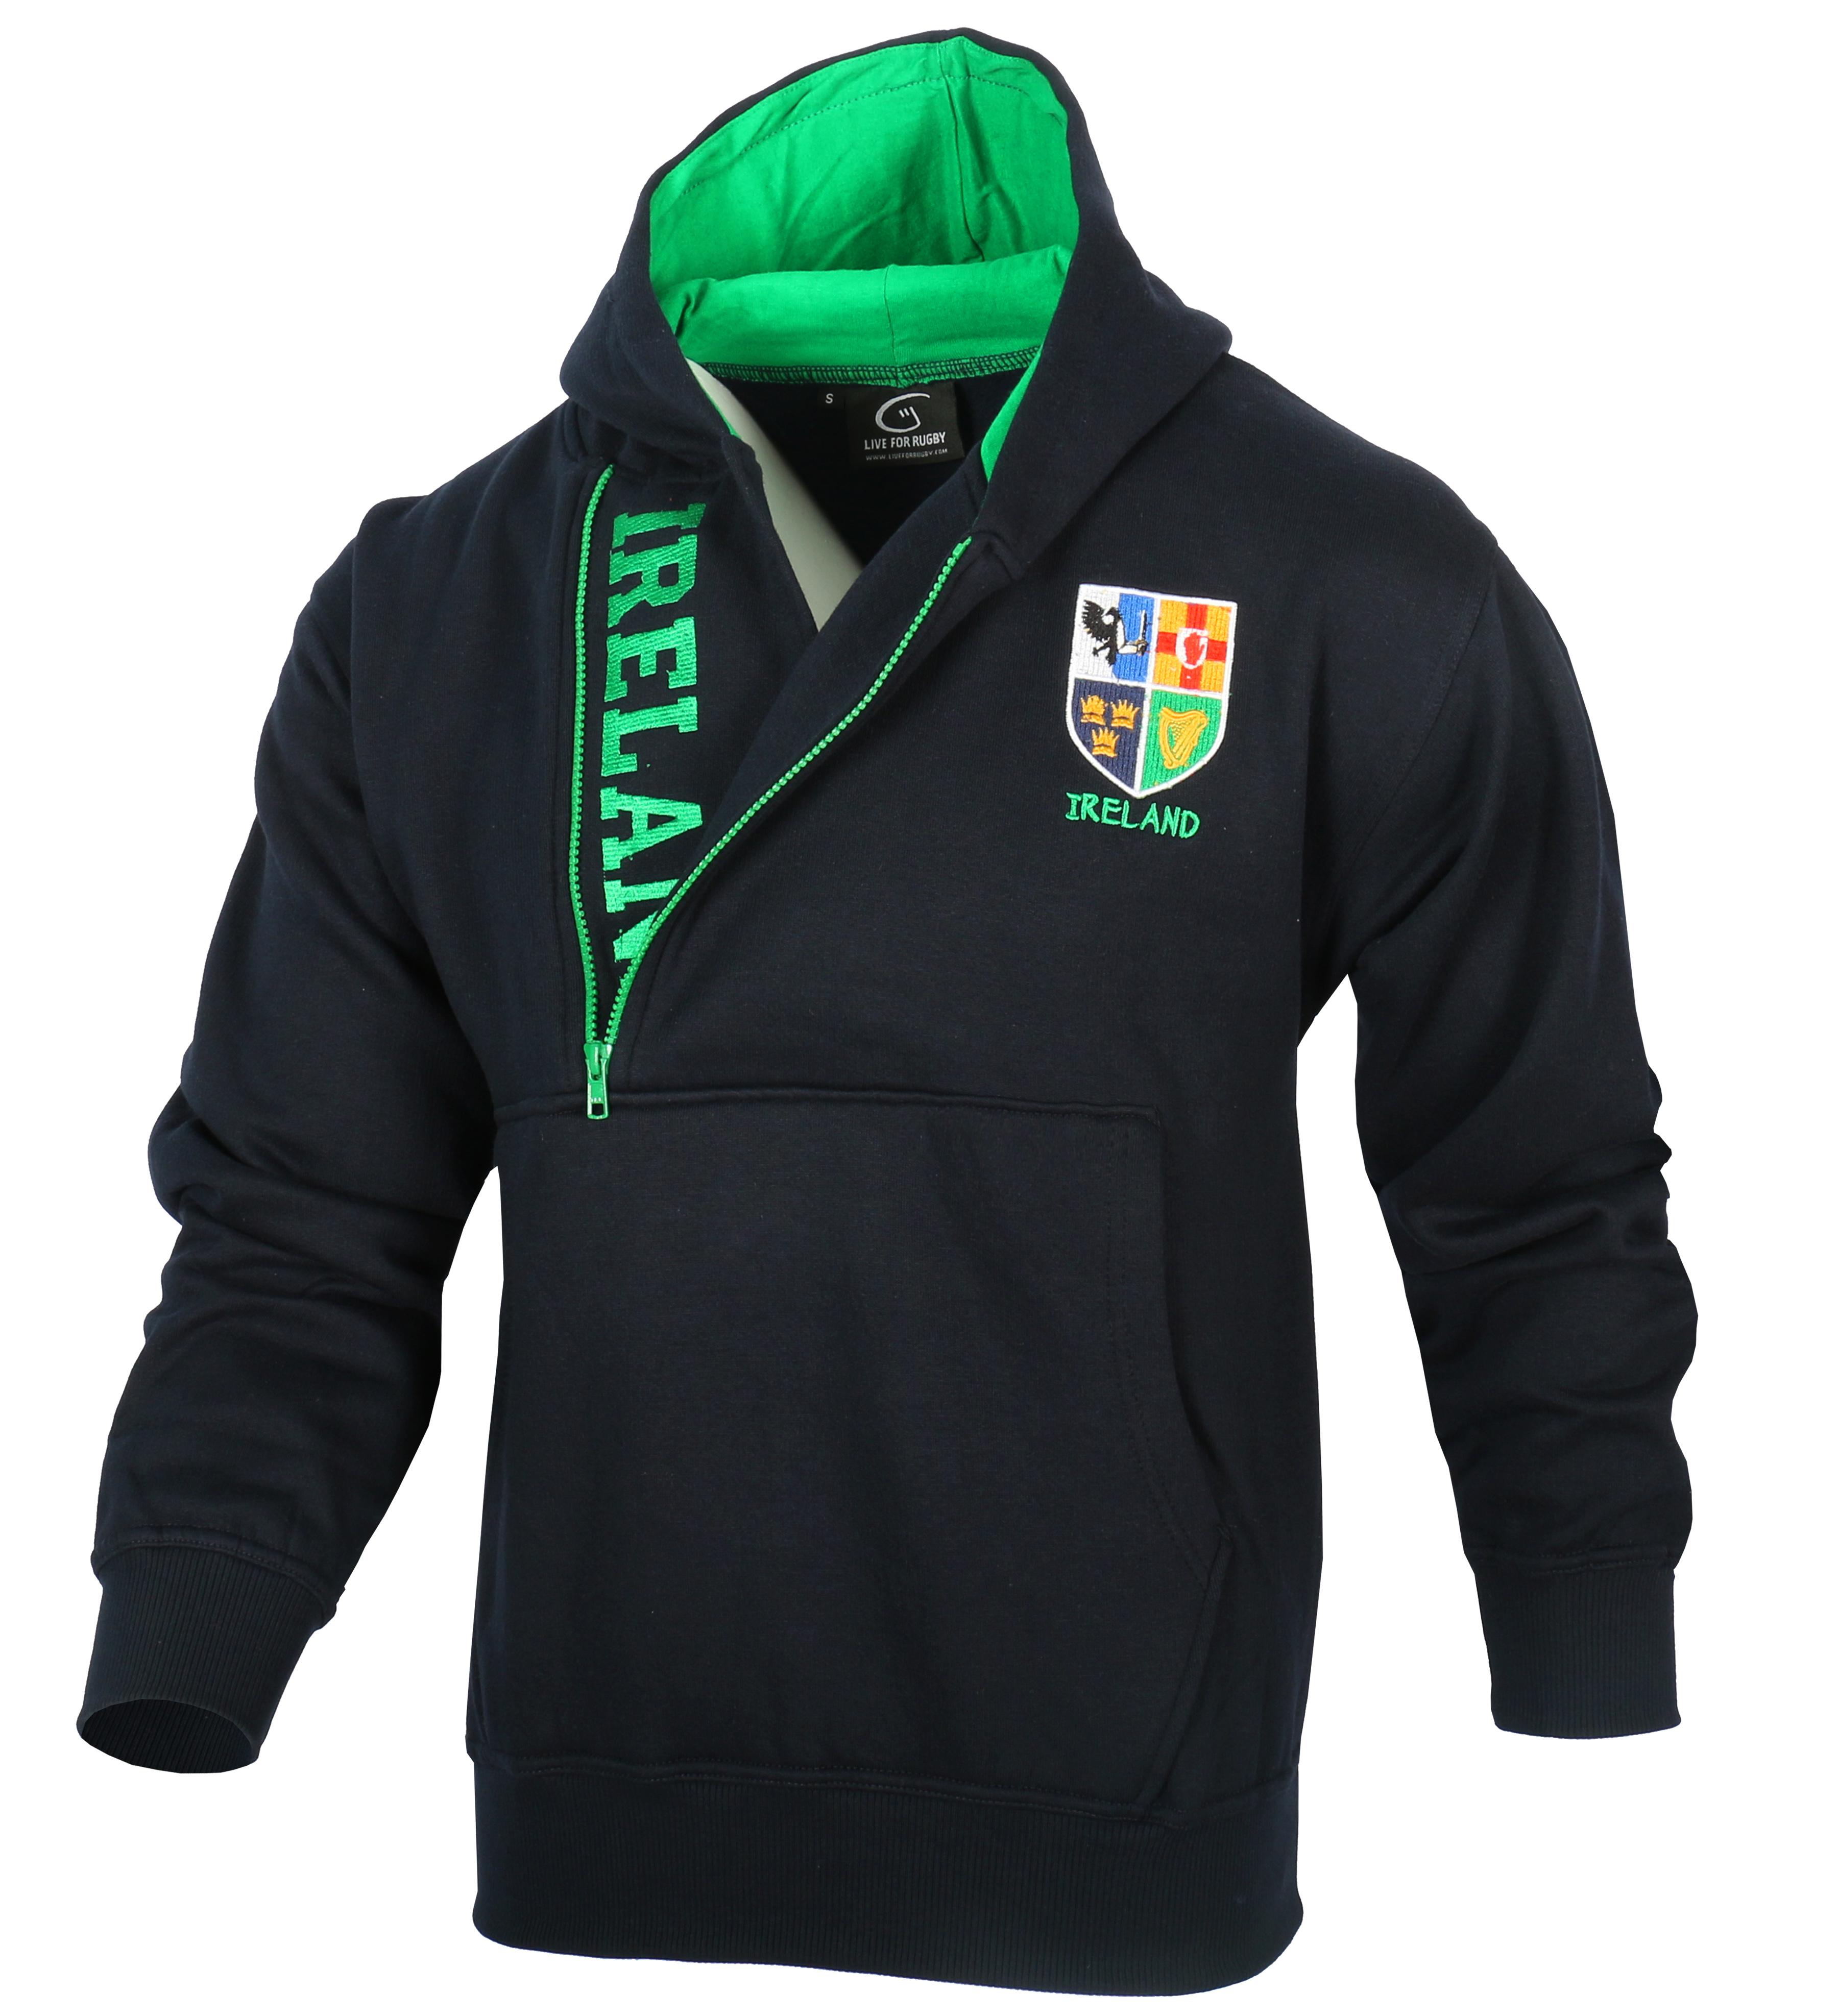 Men-039-s-Half-Zip-Hoodie-Pullover-Sweatshirt-Ireland-Navy-and-Green thumbnail 8